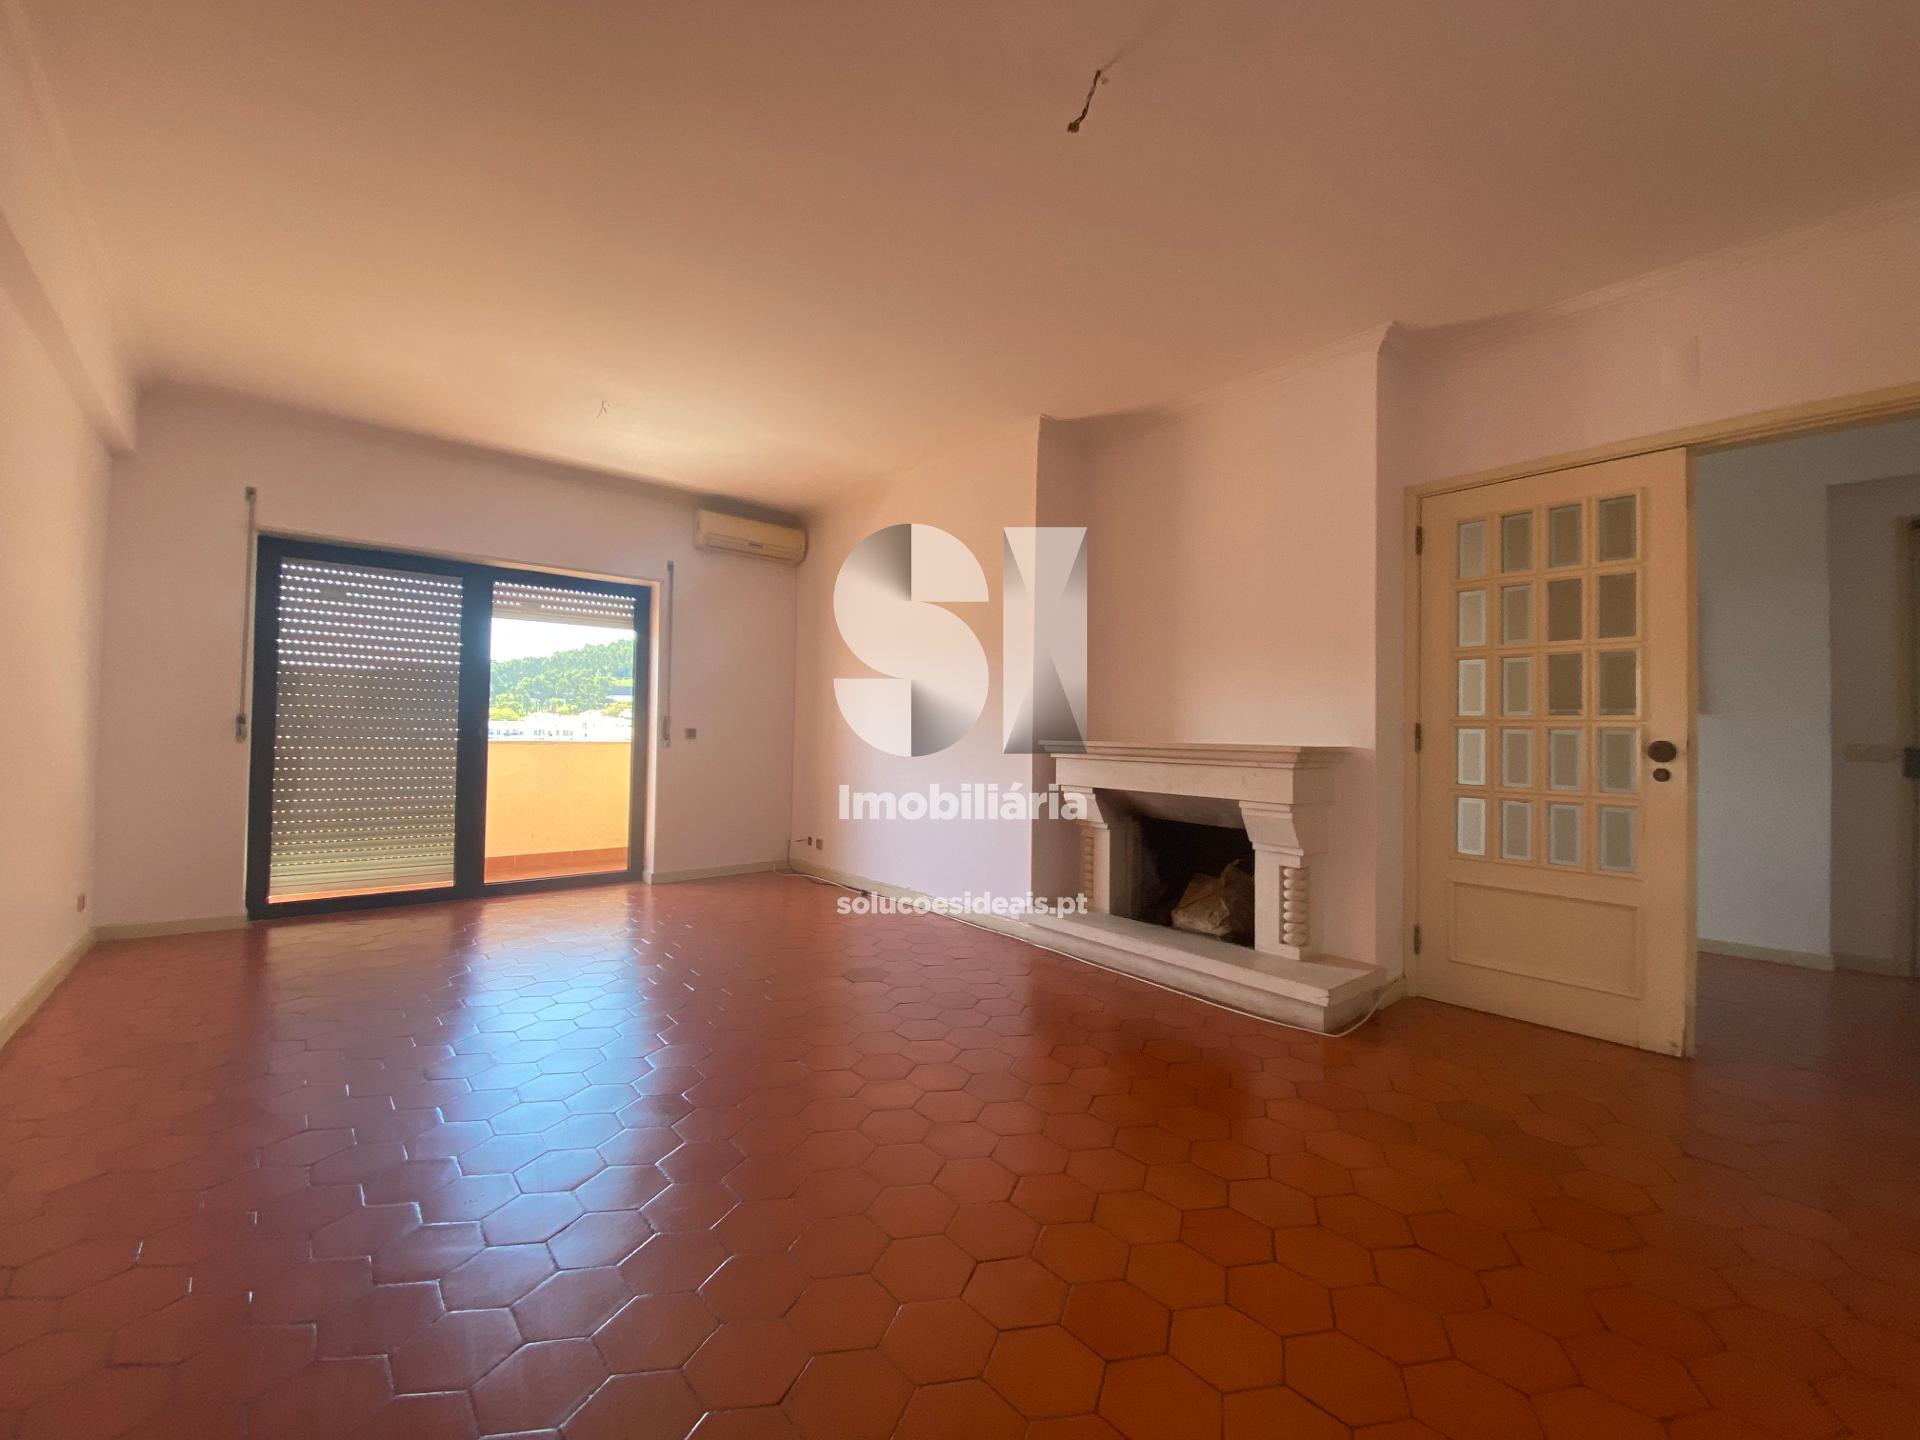 apartamento t21 para arrendamento em coimbra santo antonio dos olivais norton de matos SEDVM9736